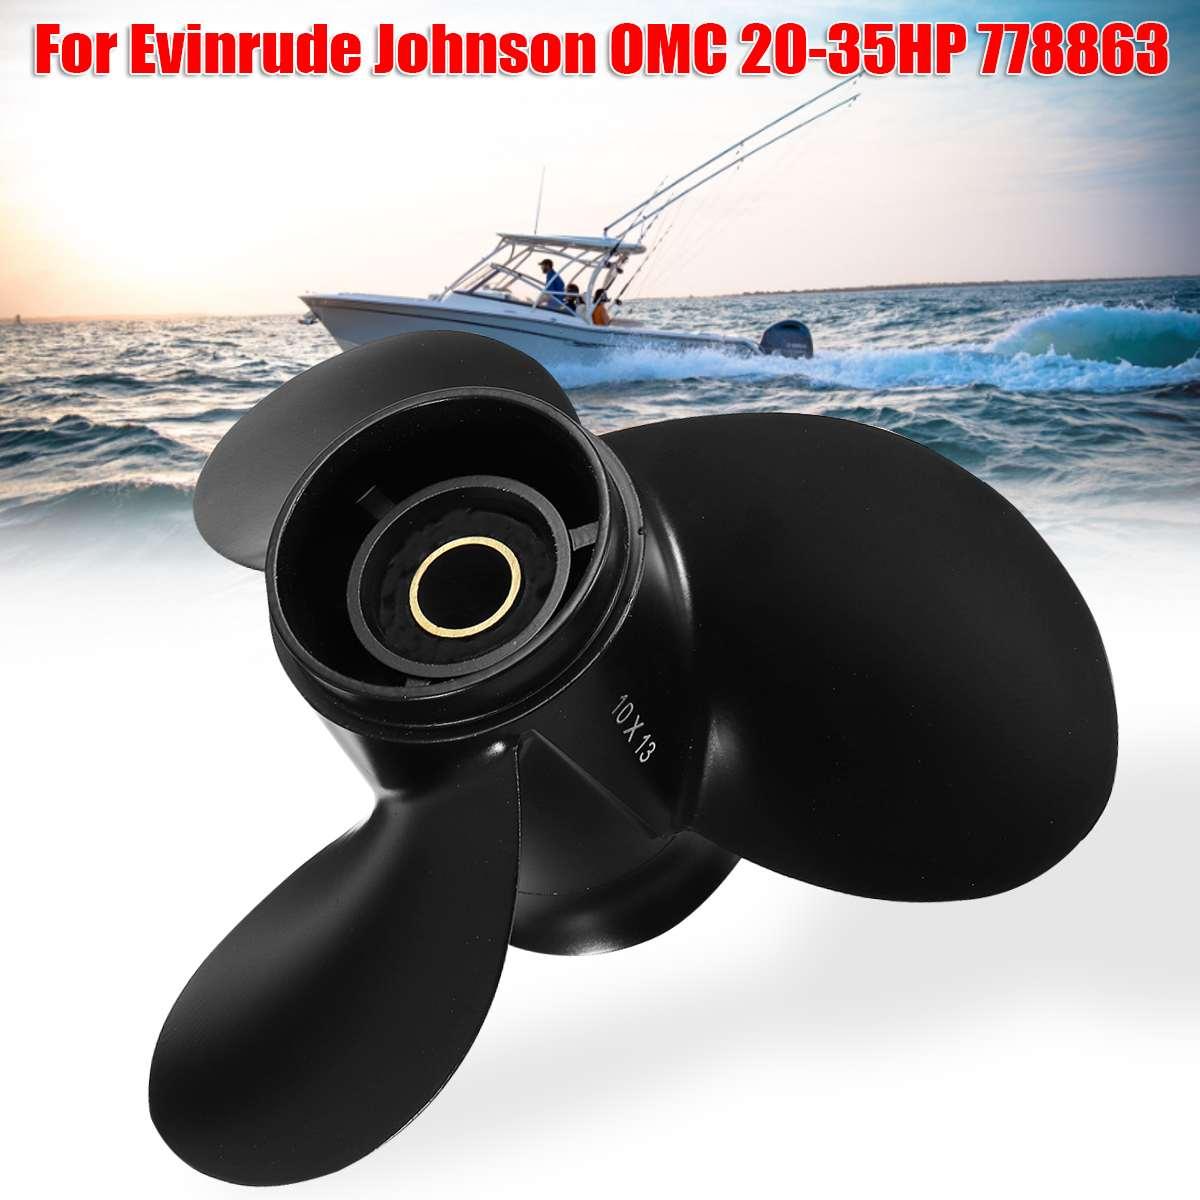 10x13 морской подвесной Пропеллер для Evinrude Johnson 15-35HP 778863 / 175191 алюминиевый сплав Черный 14 сплайнов зубной пропеллер